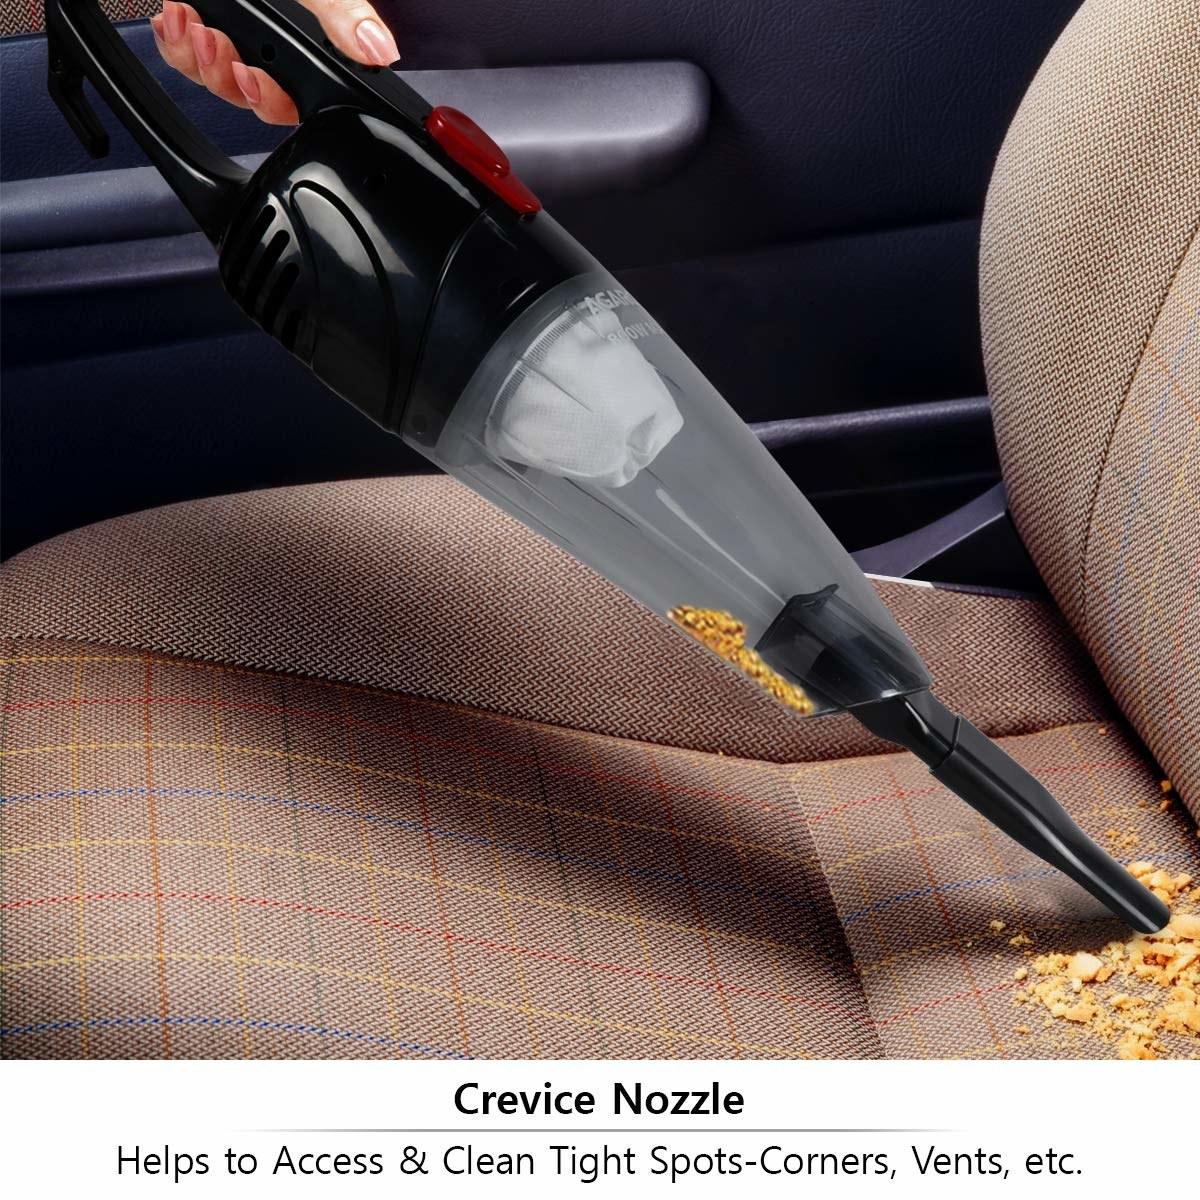 Handheld vacuum cleaner being used to clean crumbs